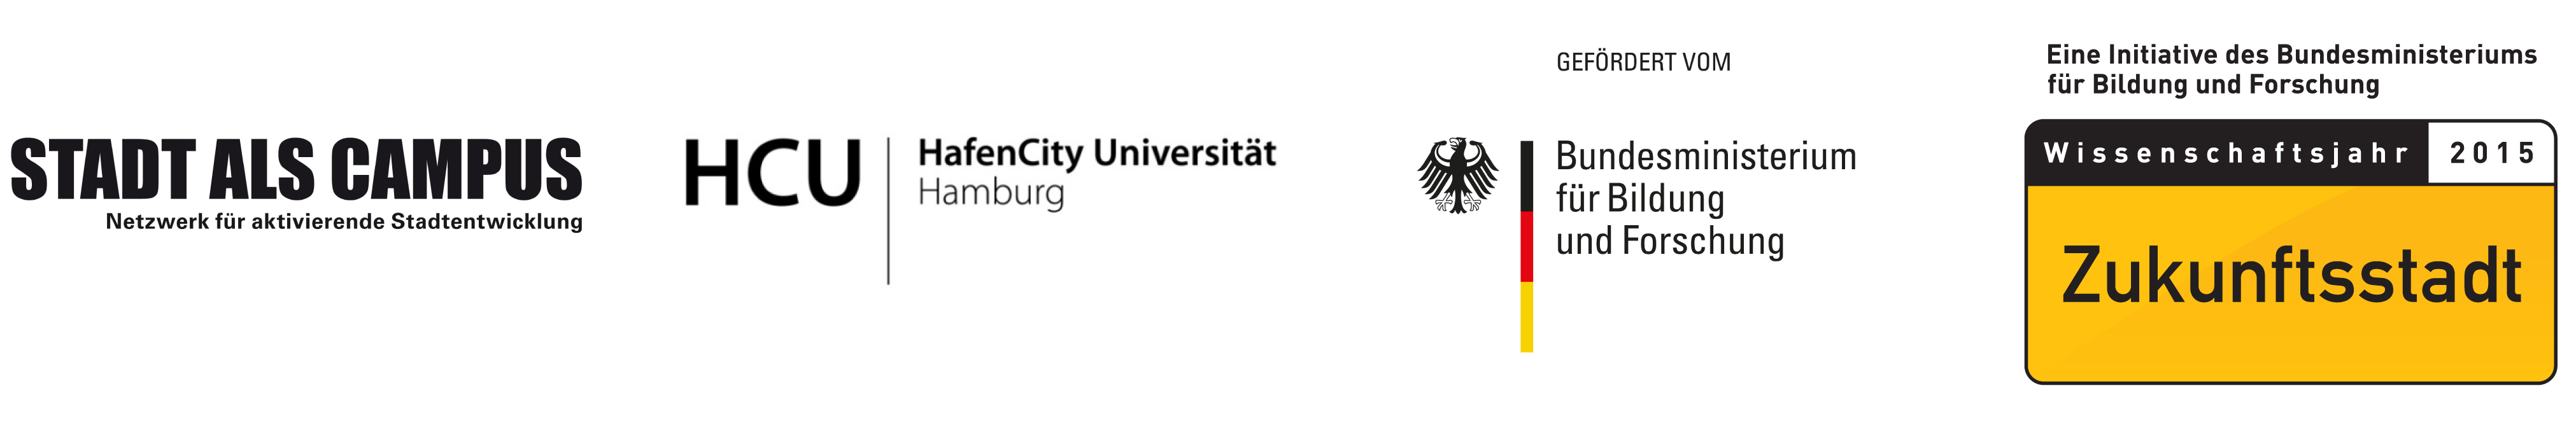 Logobalken150608